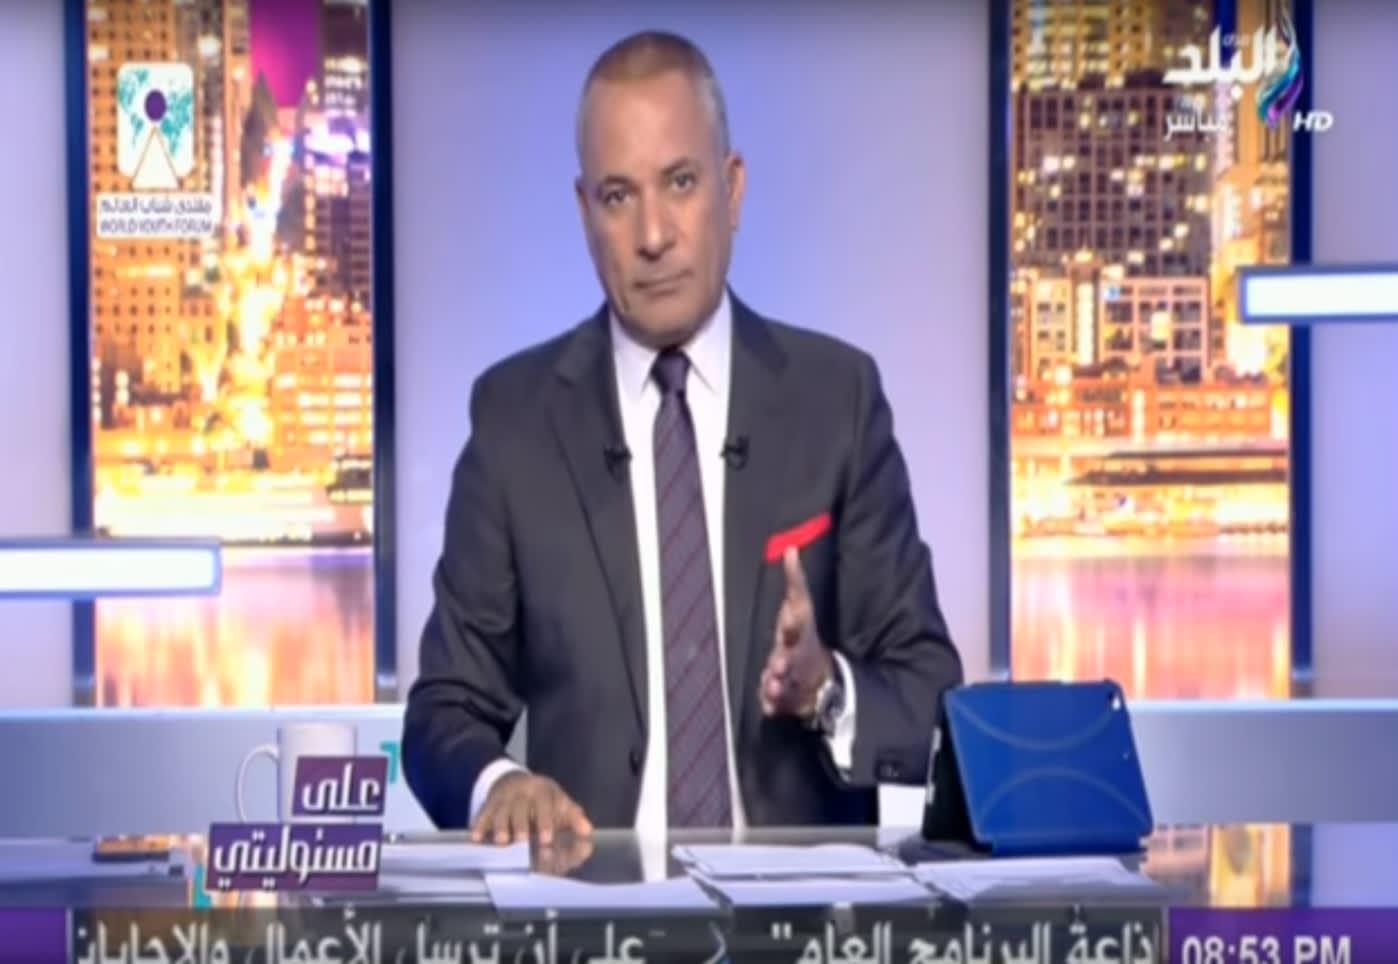 شاهد.. أحمد موسى منتقداً الاحتفال بذكرى ميلاد أبوتريكة: بتهنوه ليه وعشان إيه